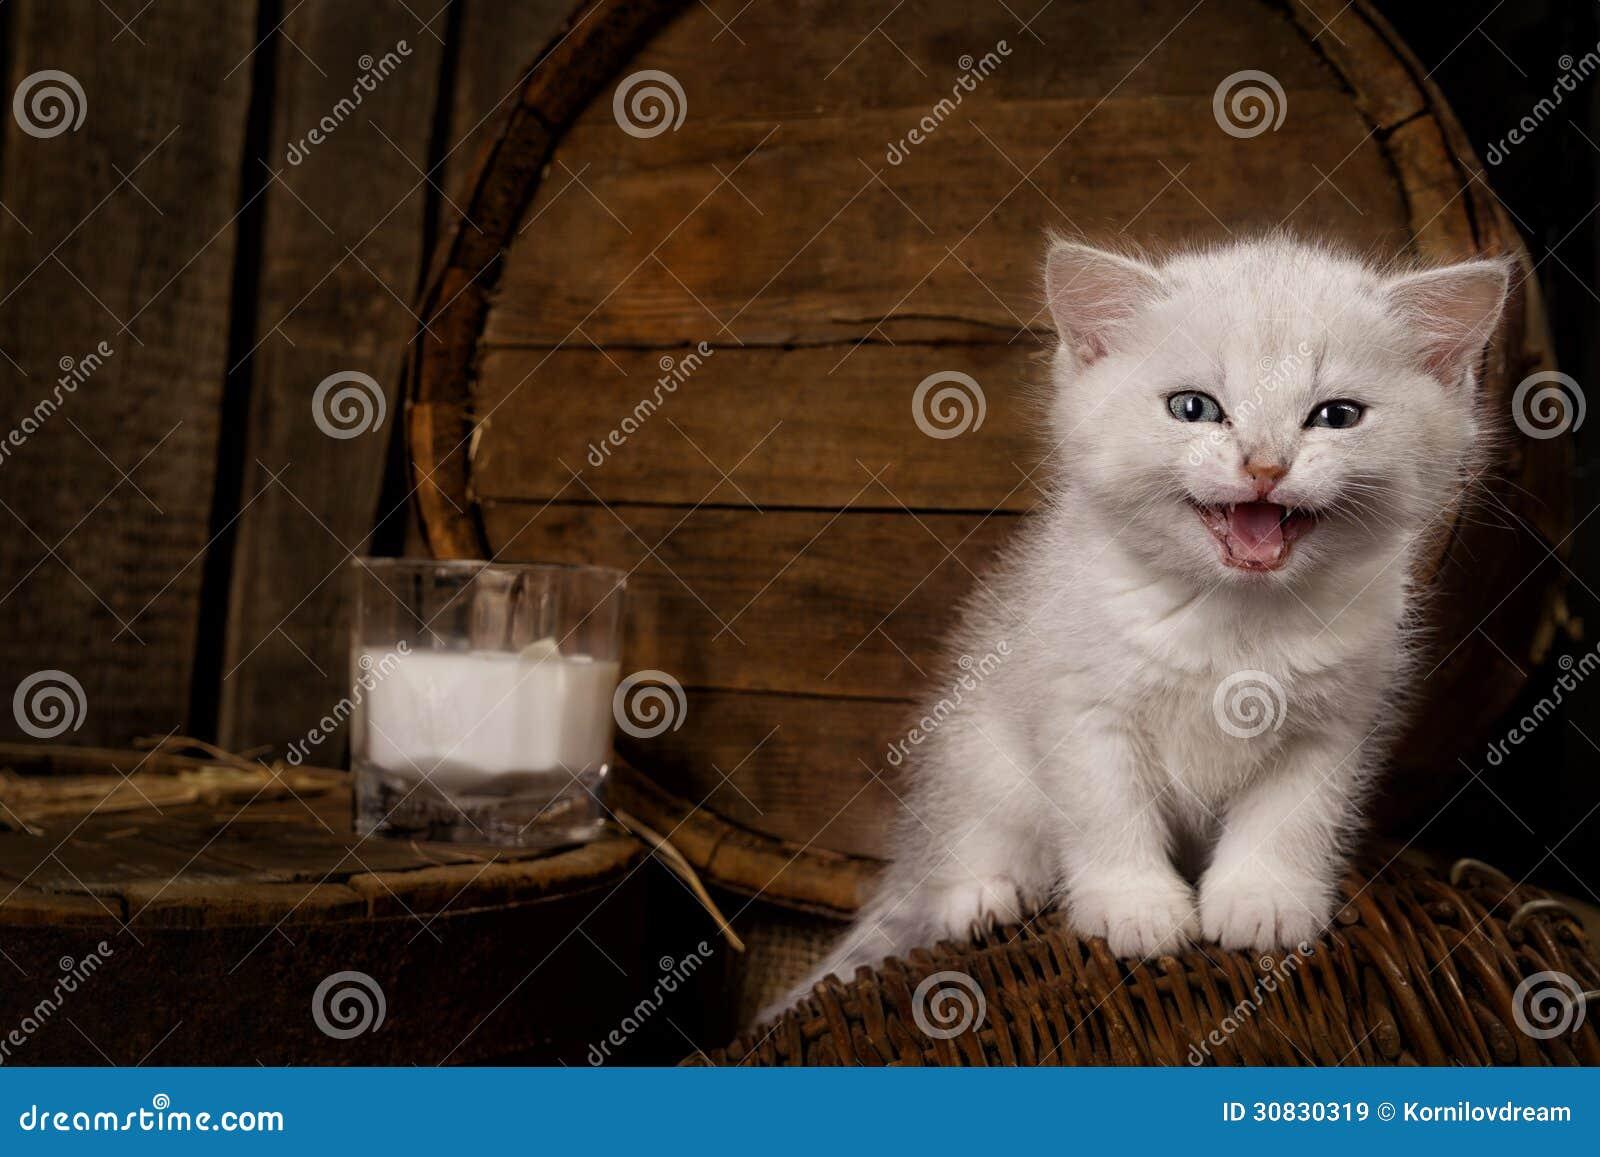 Gatto purulento con latte